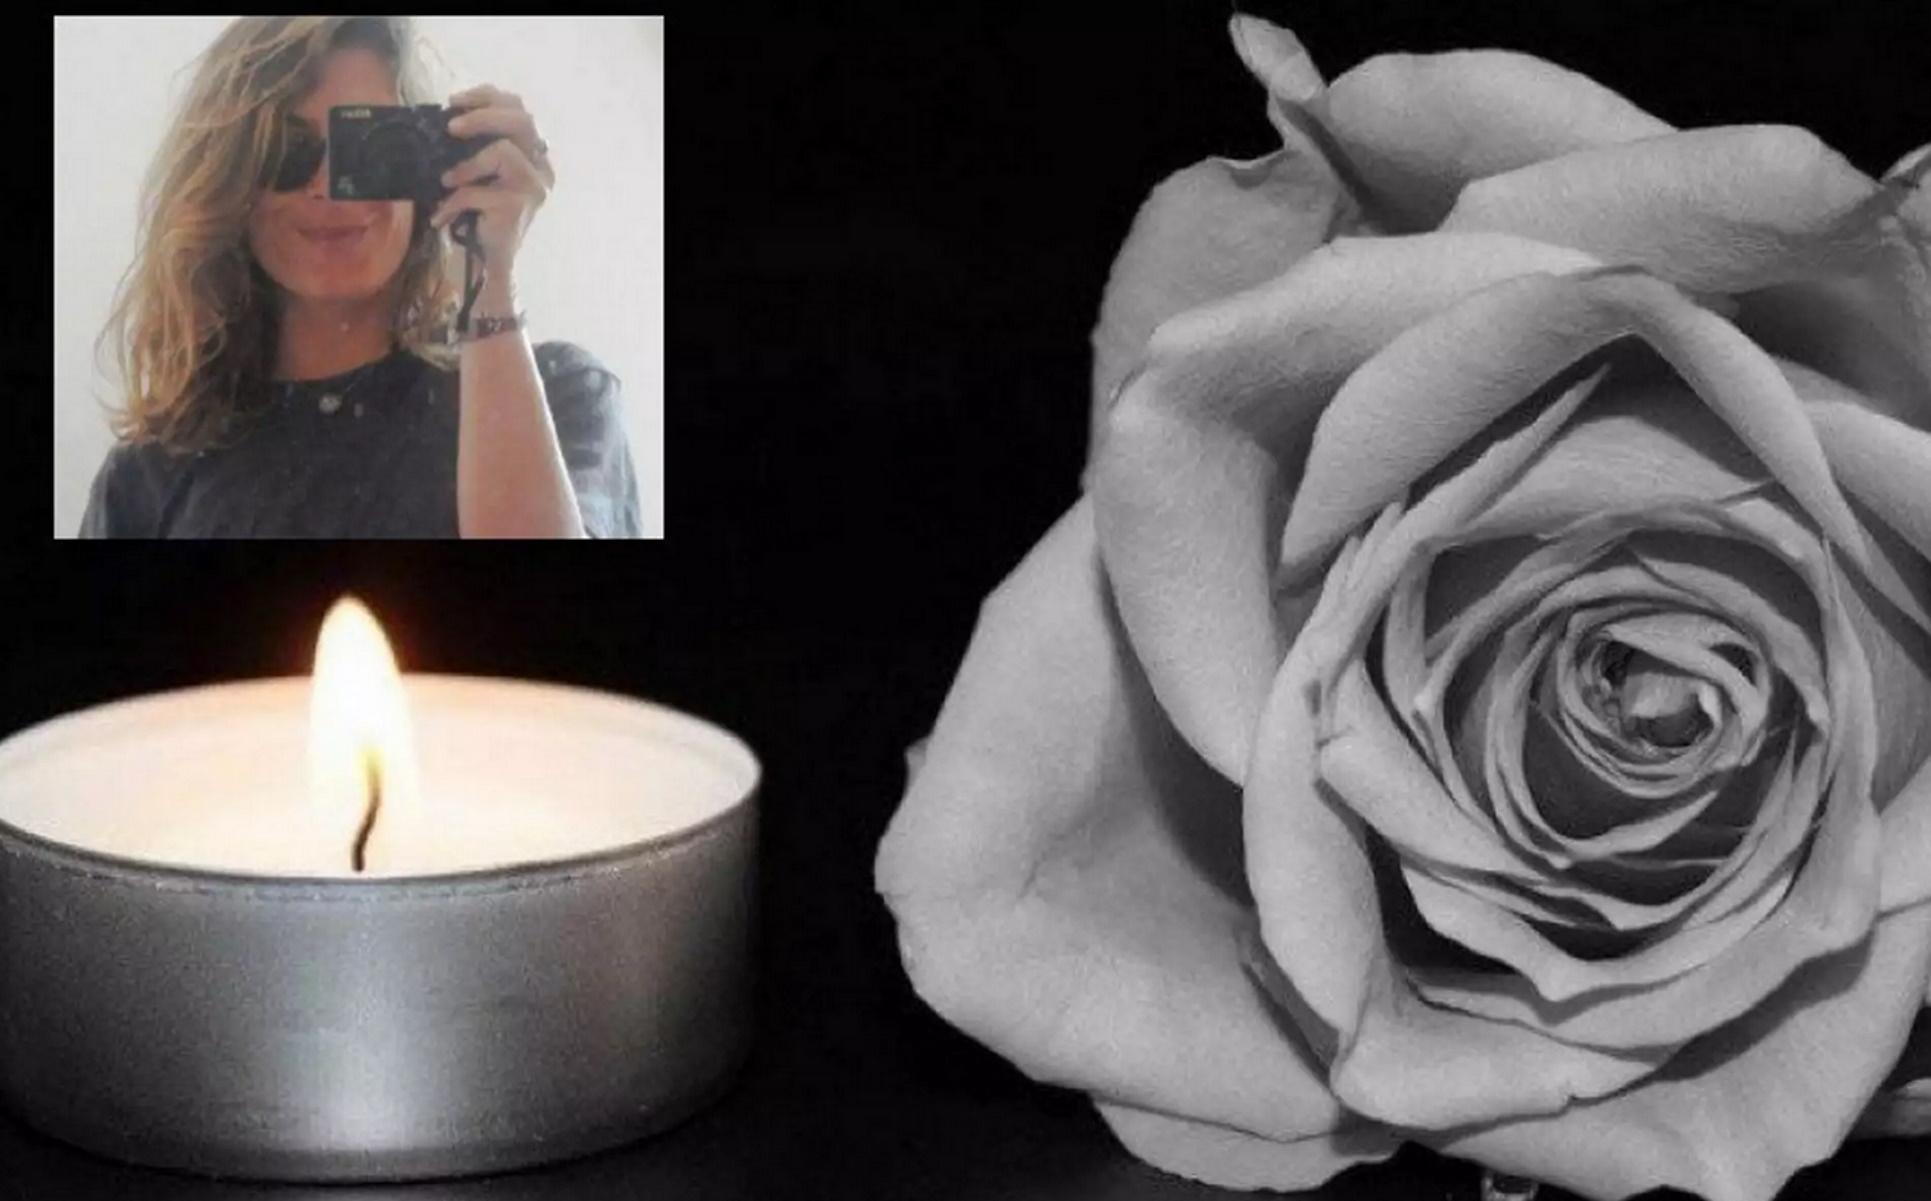 Γαύδος: Συγκλονίζει στο TLive ο φίλος της άτυχης Κορίνας – «Μπορούσε να σωθεί, ήταν ζωντανή» (video)